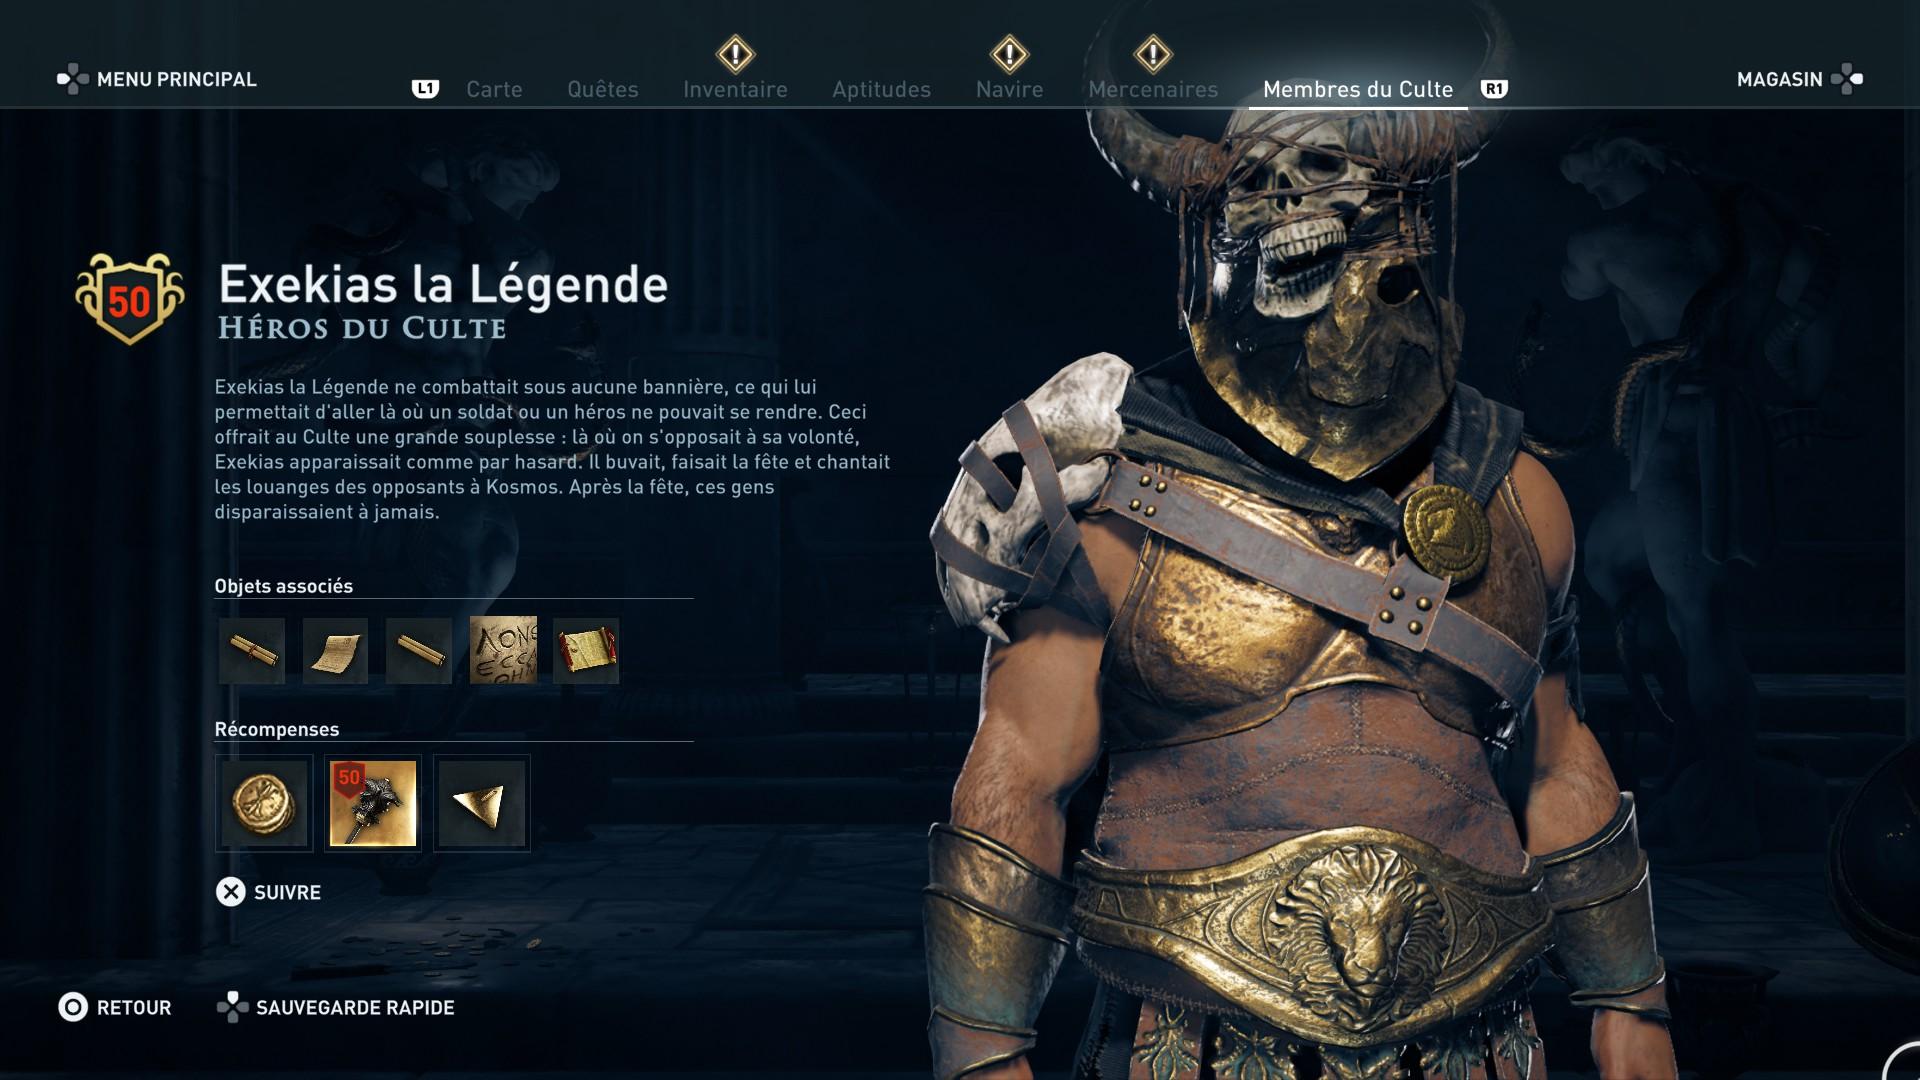 Assassin's Creed Odyssey trouver et tuer les adeptes du culte du Kosmos, ps4, xbox one, pc, ubisoft, jeu vidéo, héros du culte, exekias la légende